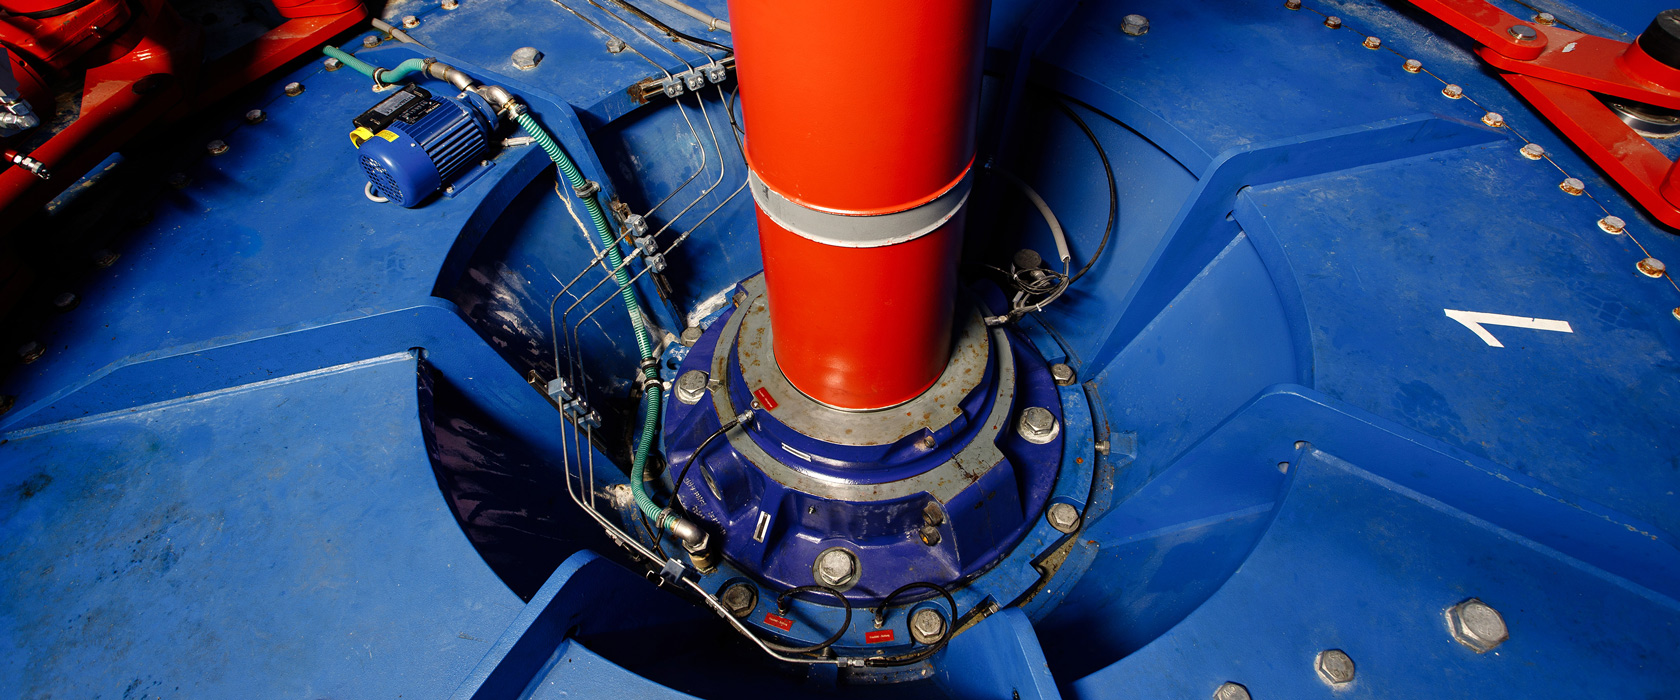 Byafossen kraftferk, en blå turbin er avbildet.